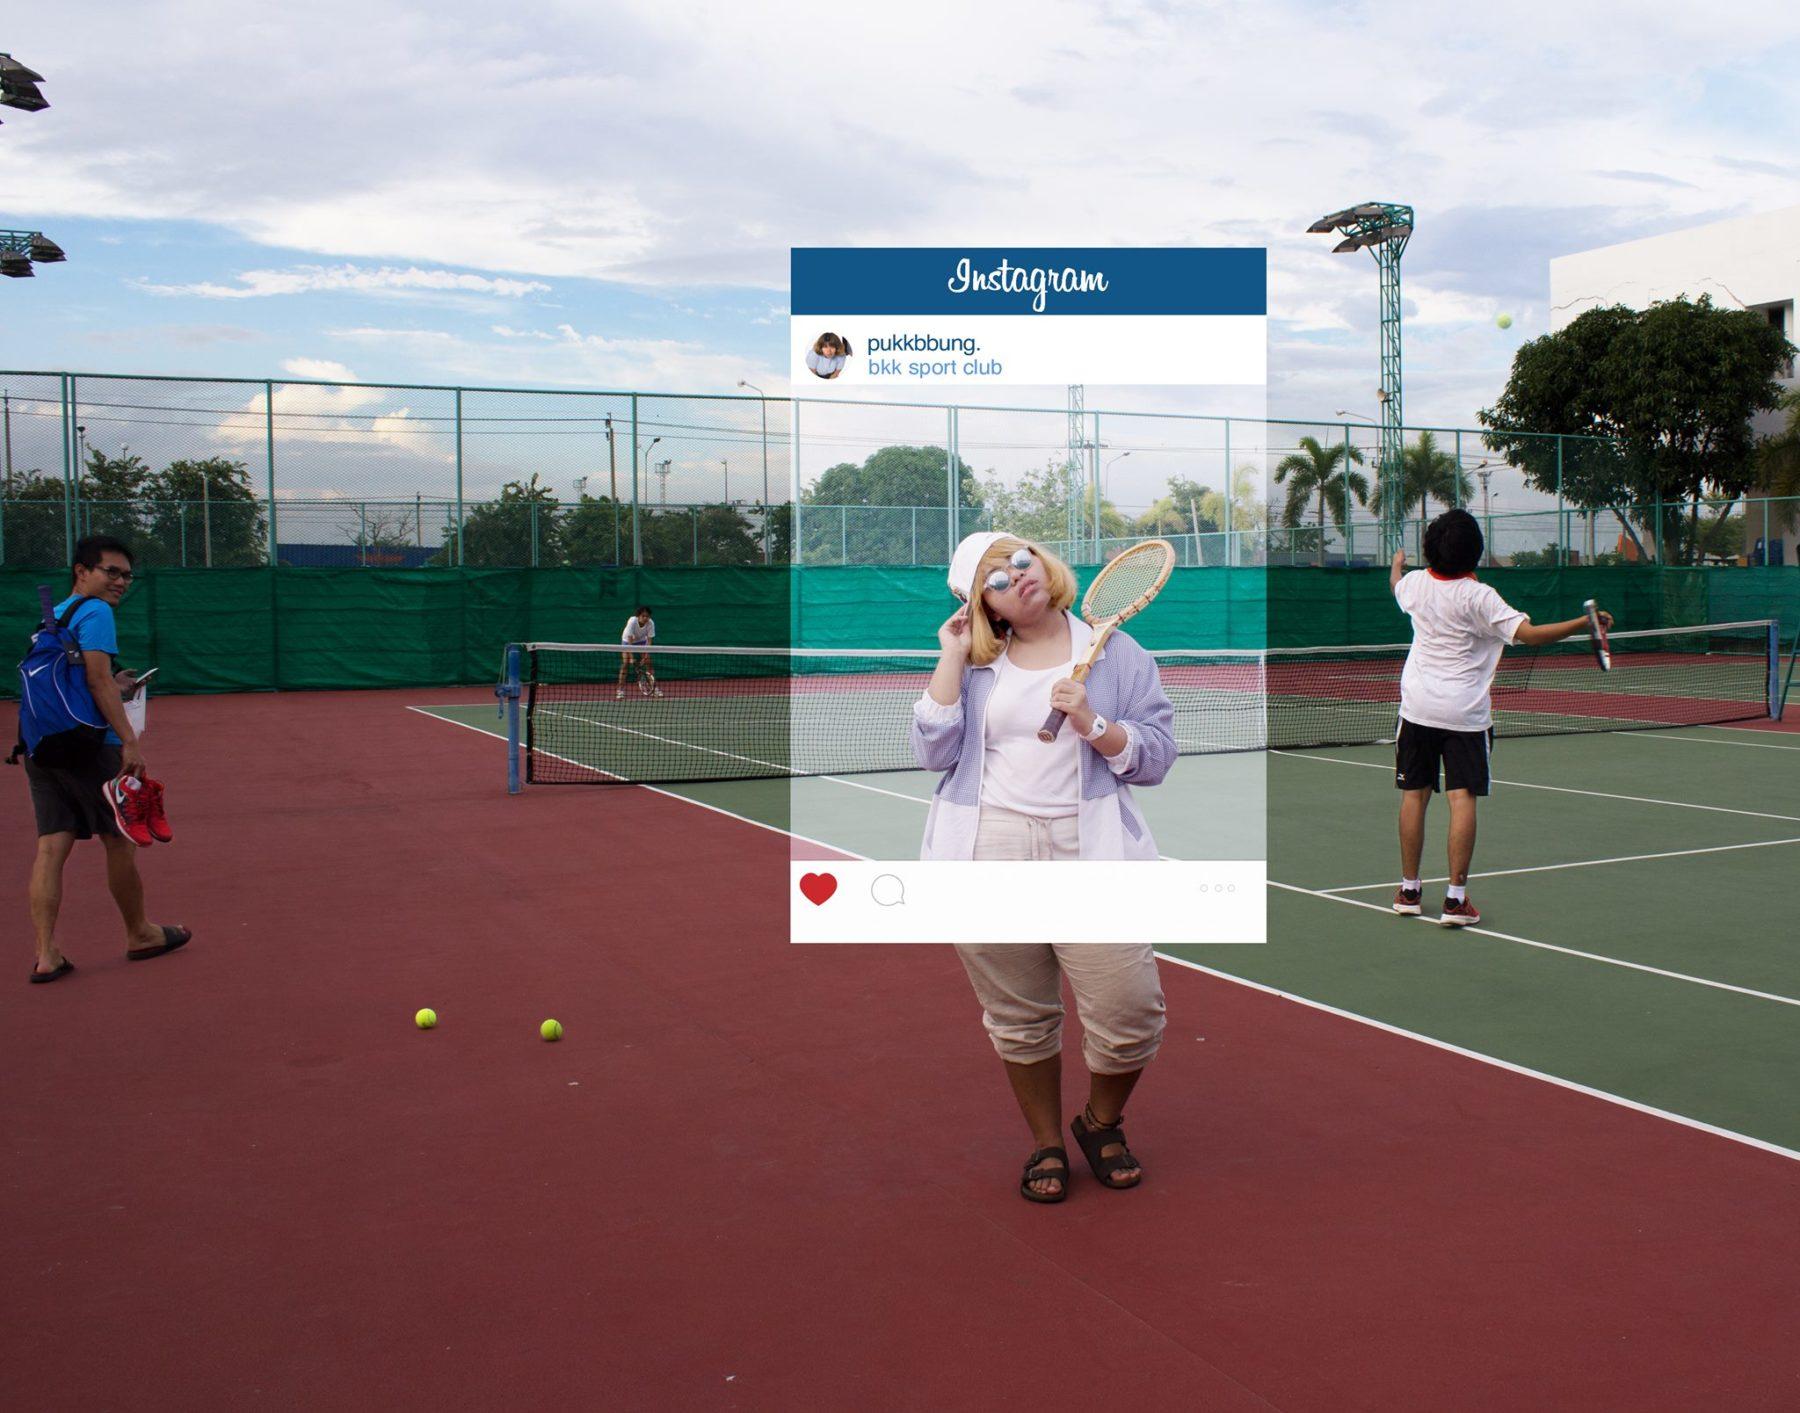 chompoo-baritone-3 La face cachée des photos sur Instagram